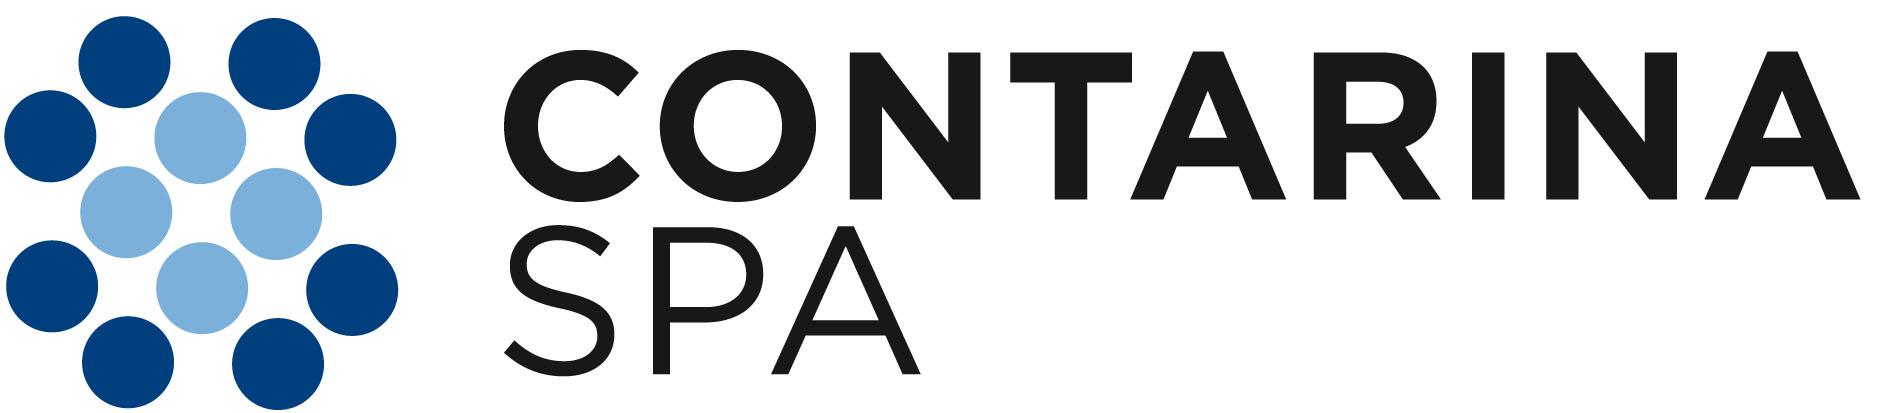 logo Contarina